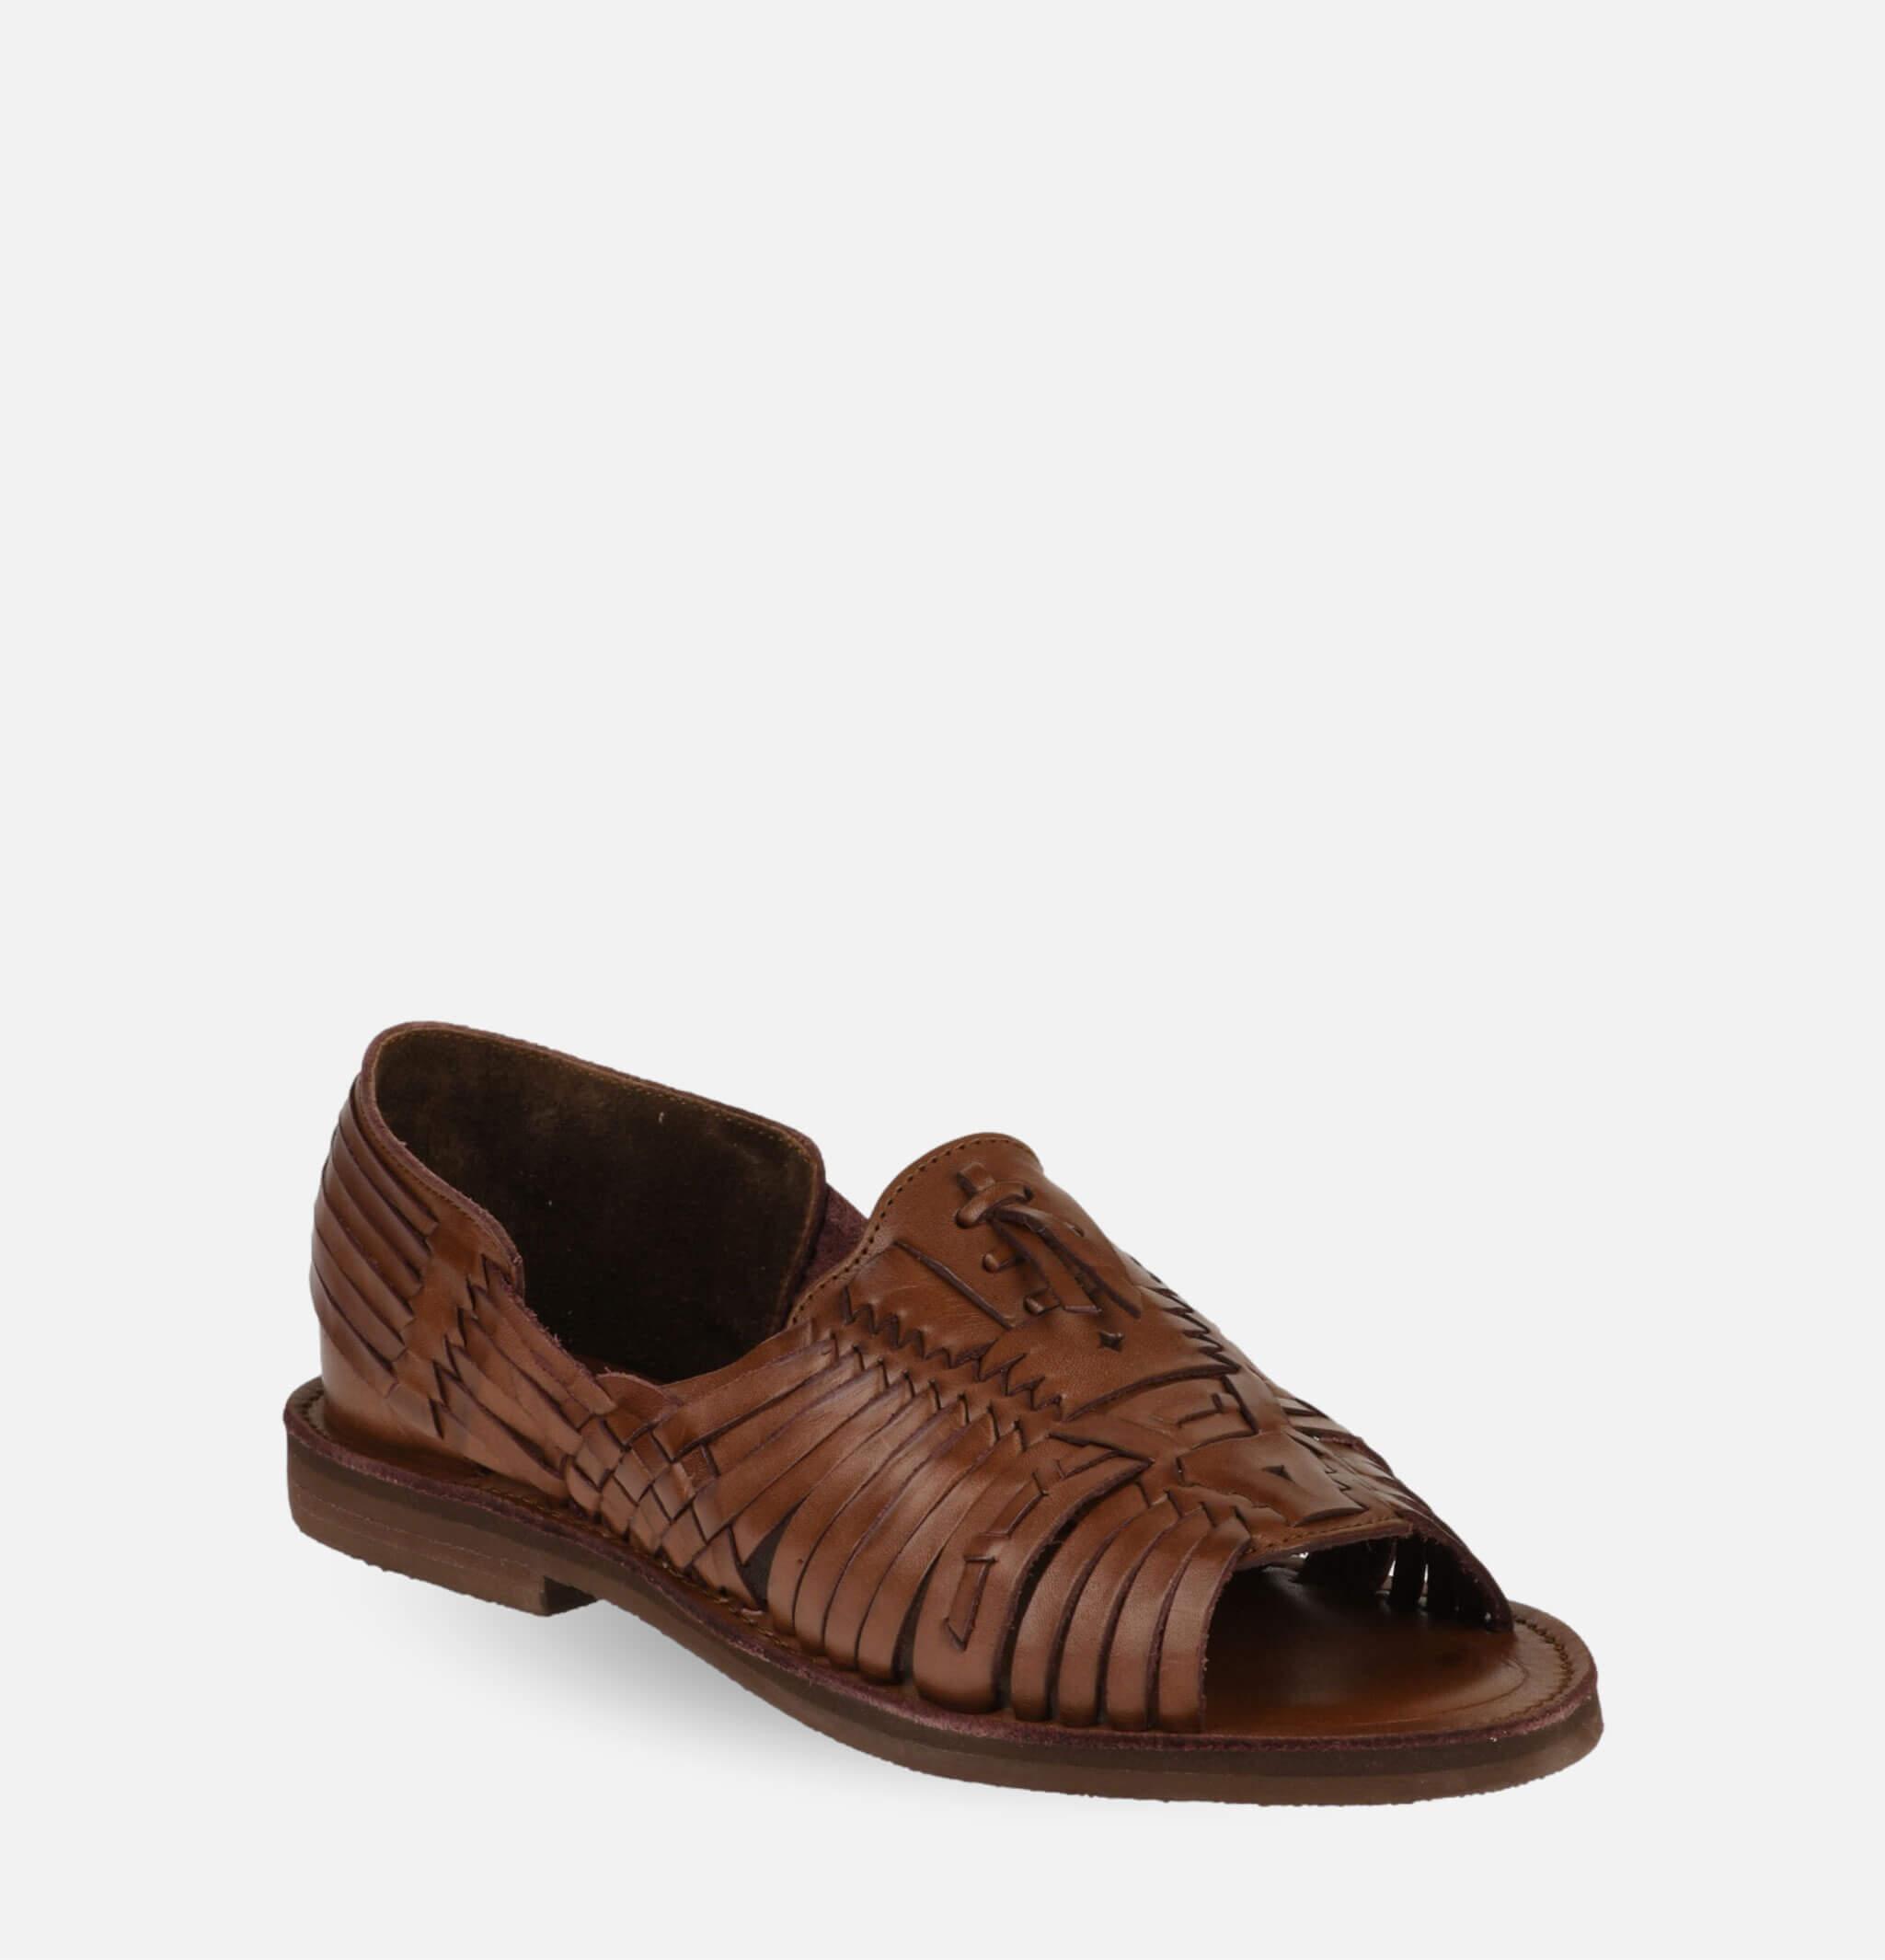 Uxmal Sandals Brown